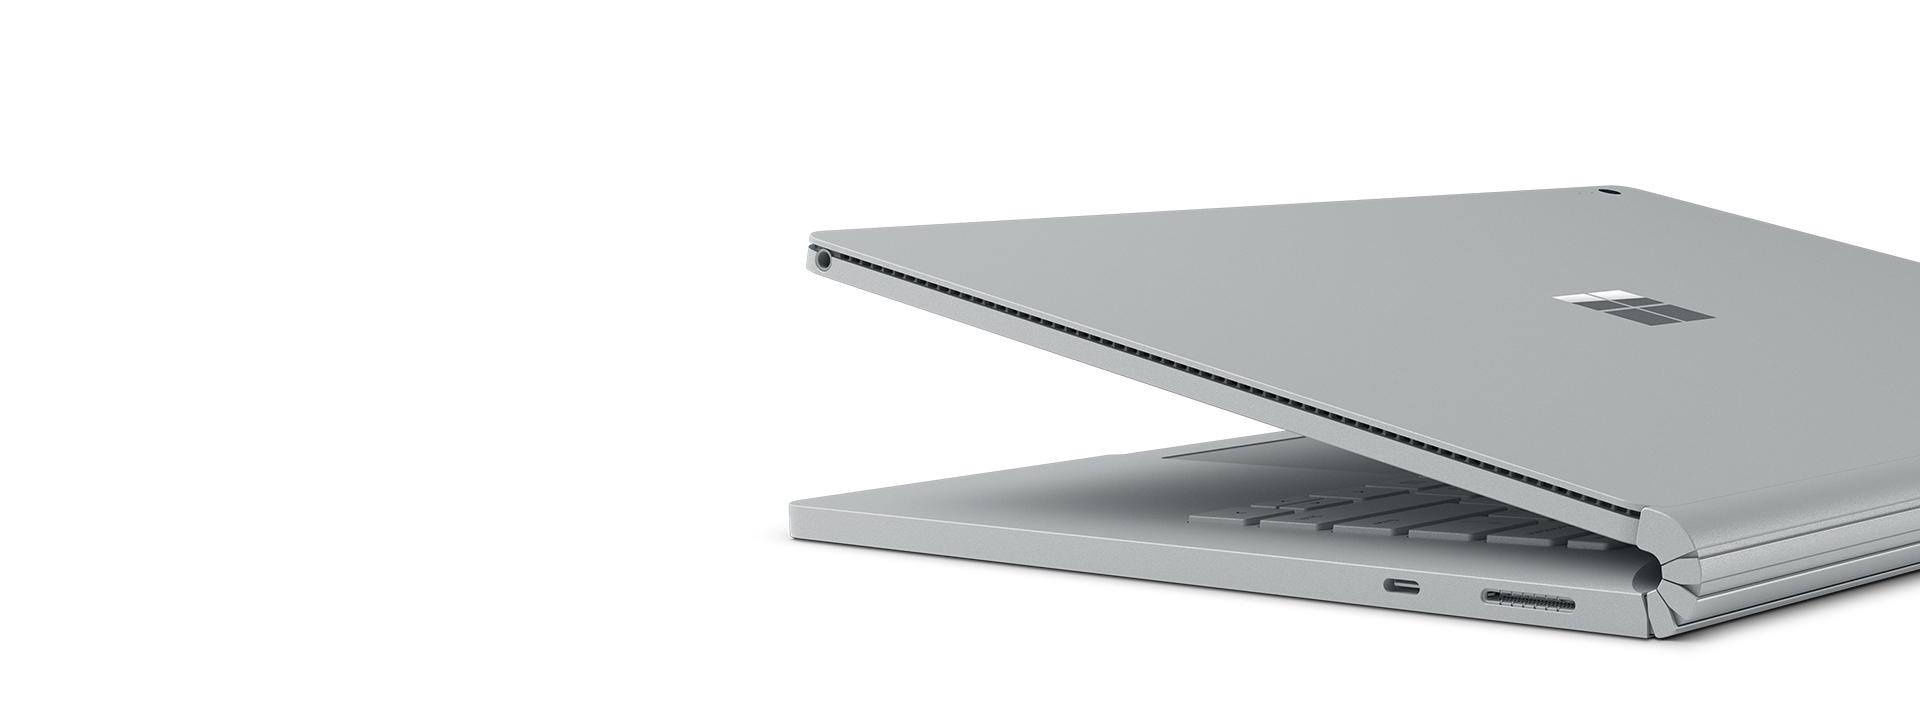 Surface Book 2 mit Blick auf den USB-C-Anschluss